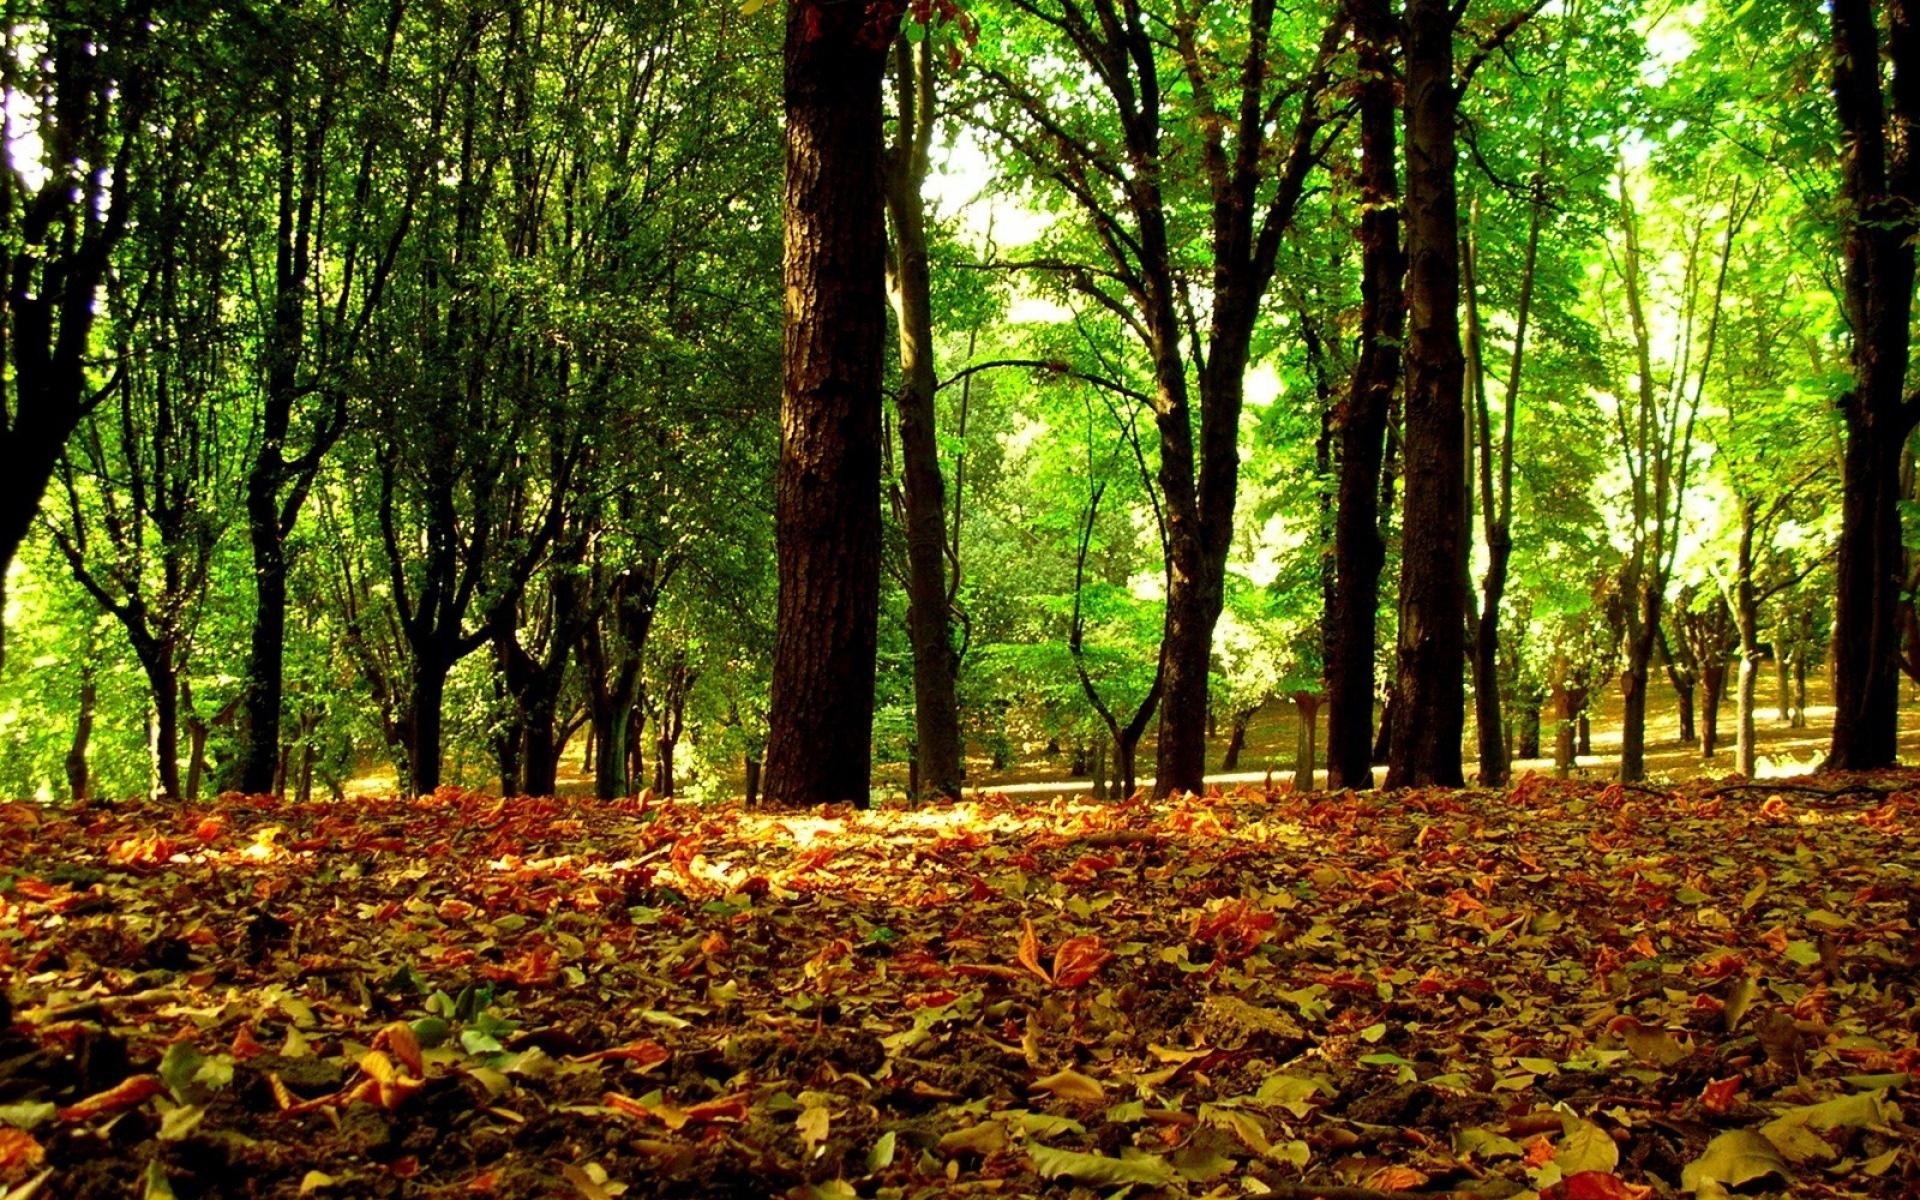 Картинки Деревья, лес, листья, кроны фото и обои на рабочий стол